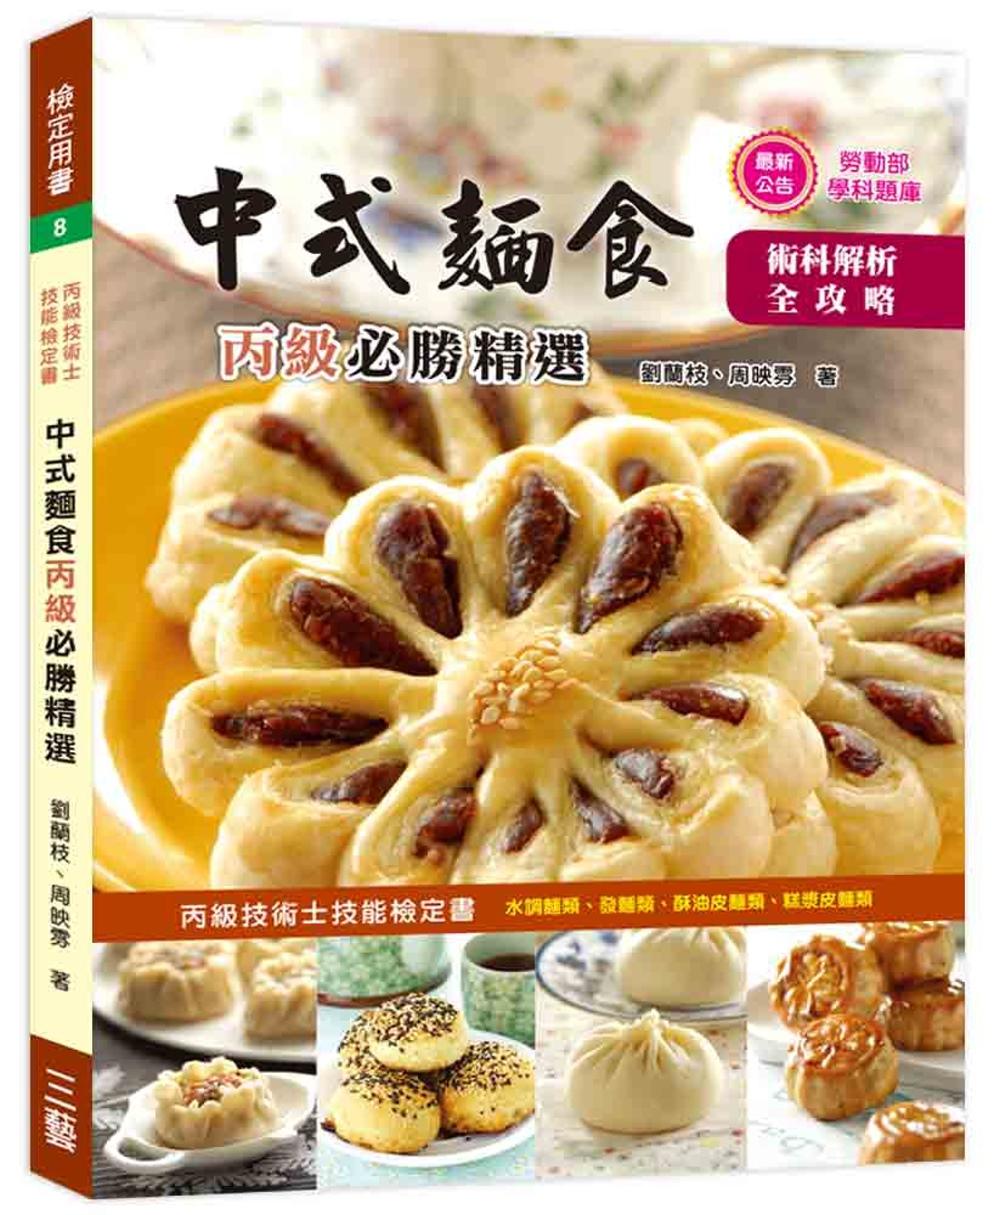 中式麵食丙級必勝精選2017(二版)